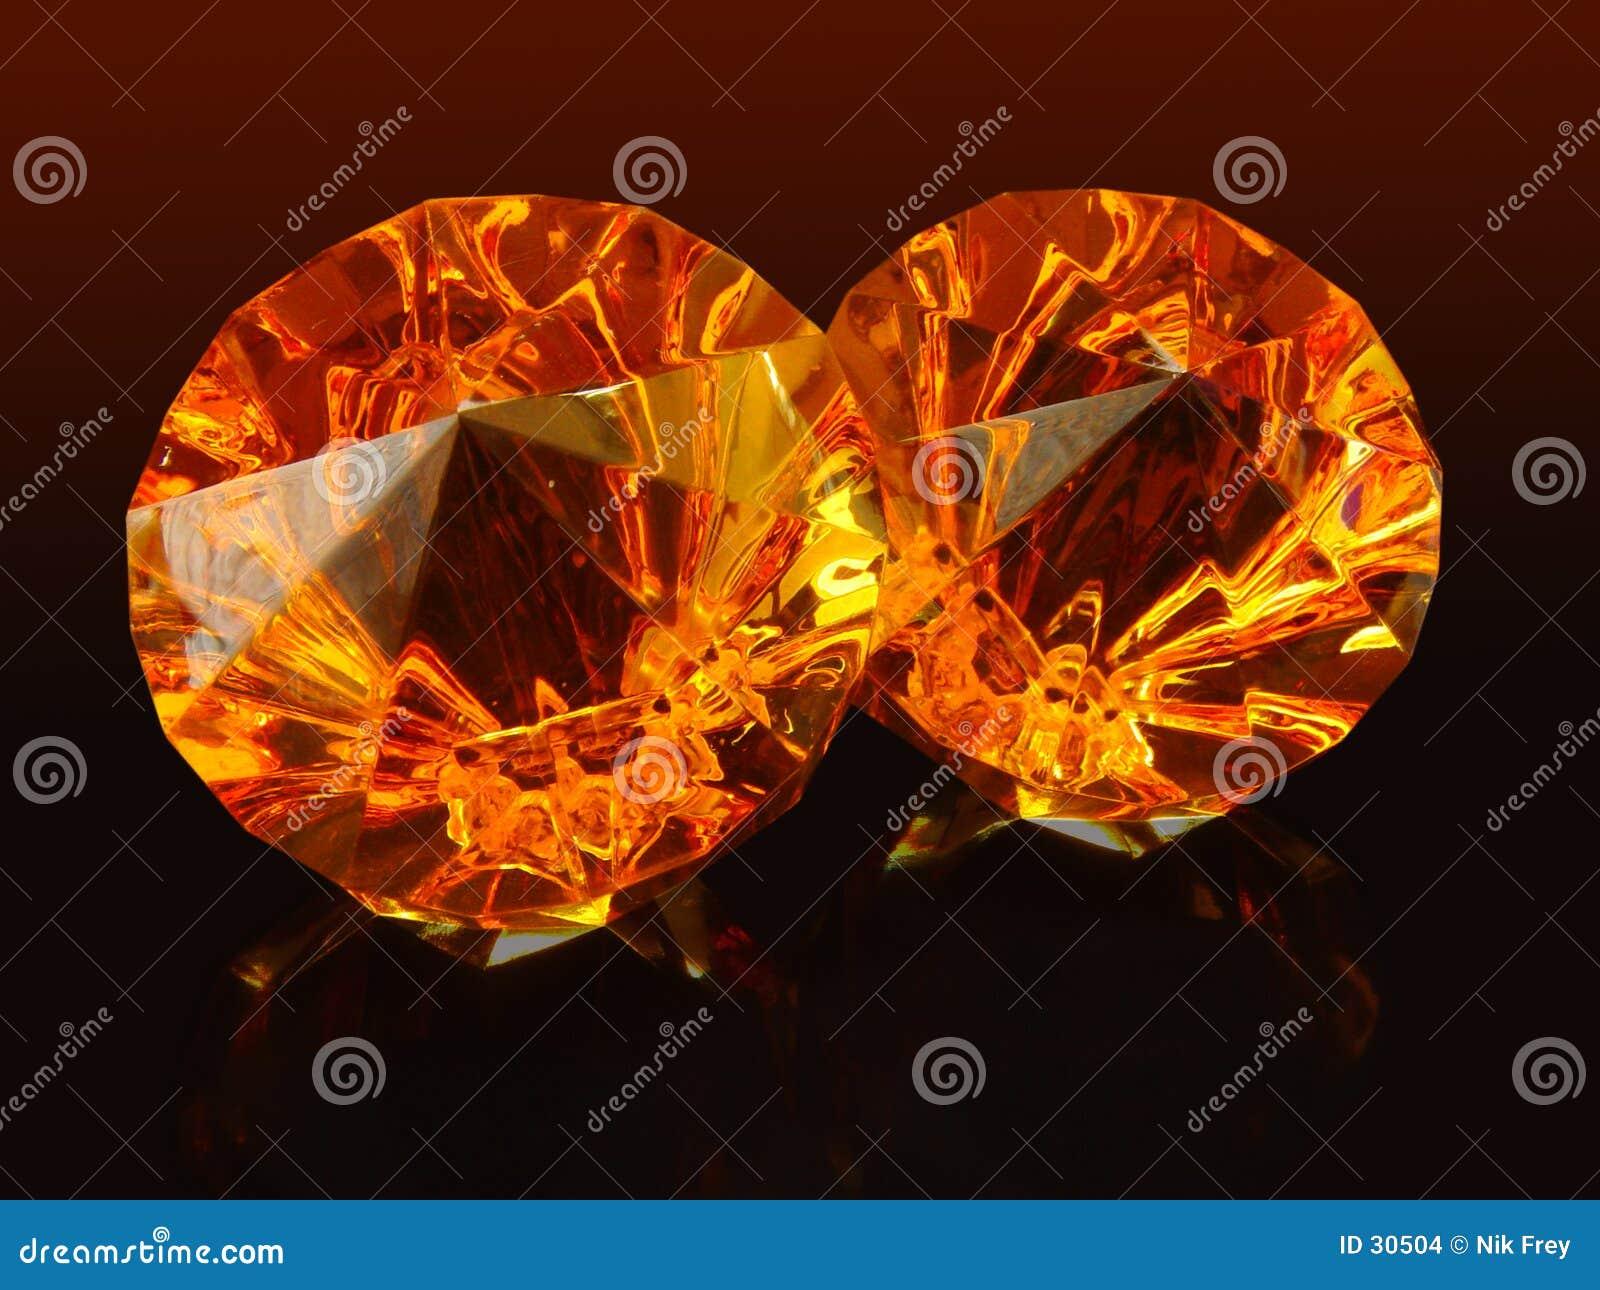 Diamonds ... II